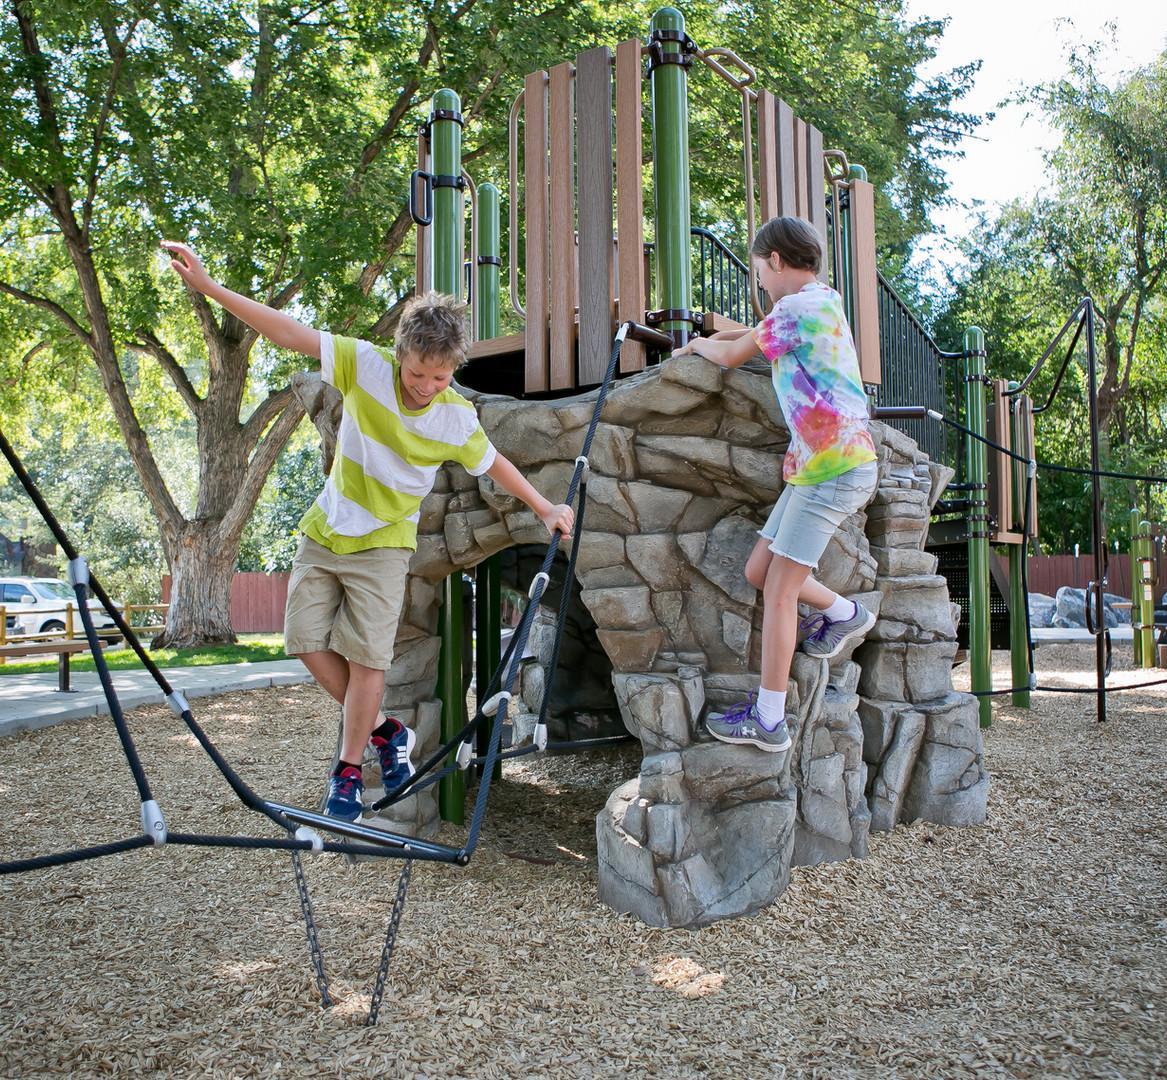 CO - Niwot Childrens Park - 52.jpg